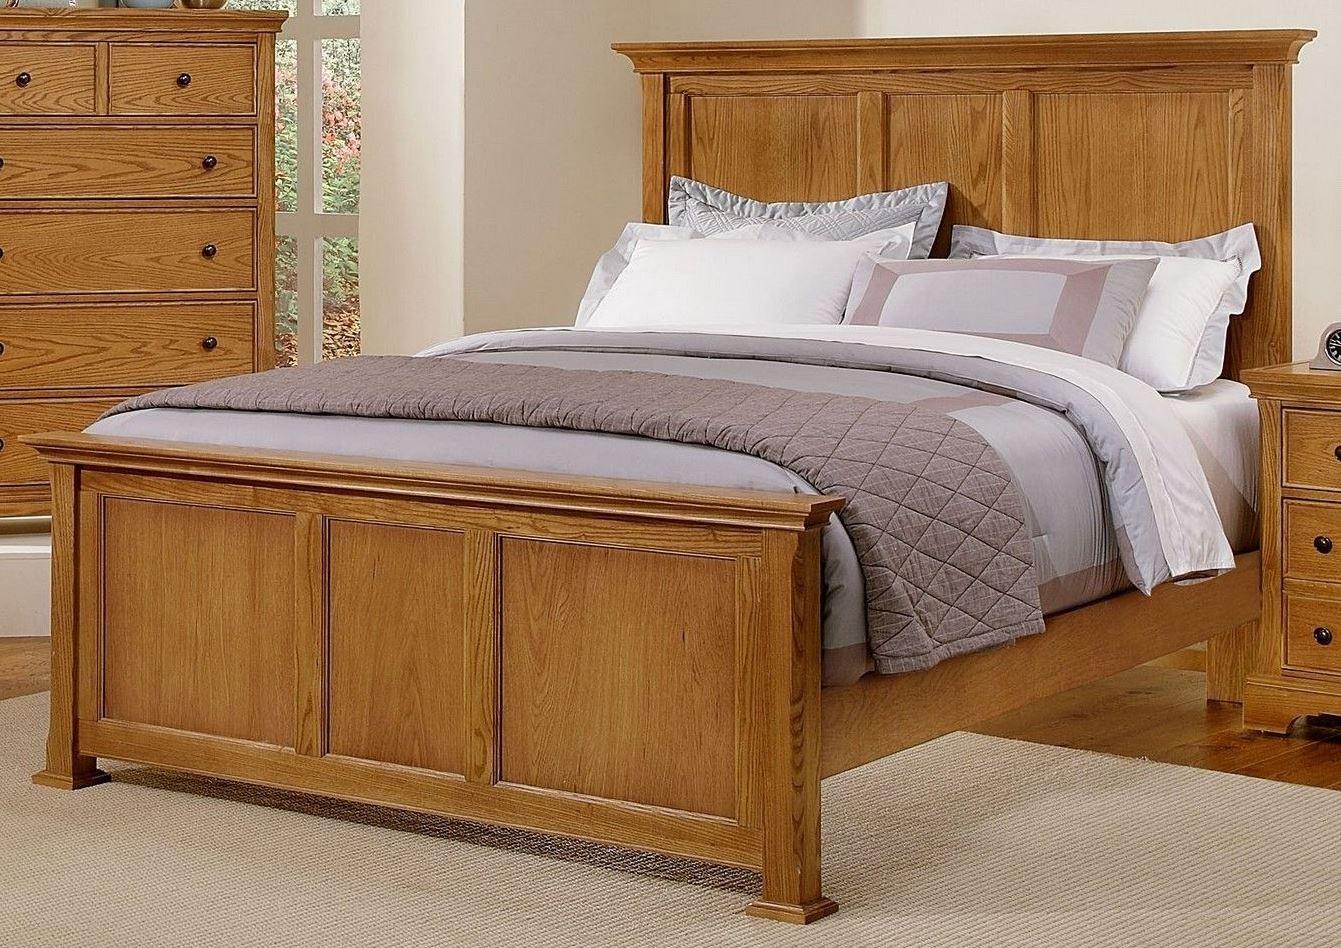 Forsyth Medium Oak Panel Bedroom Set from Vaughan Bassett BB75 558 855 922